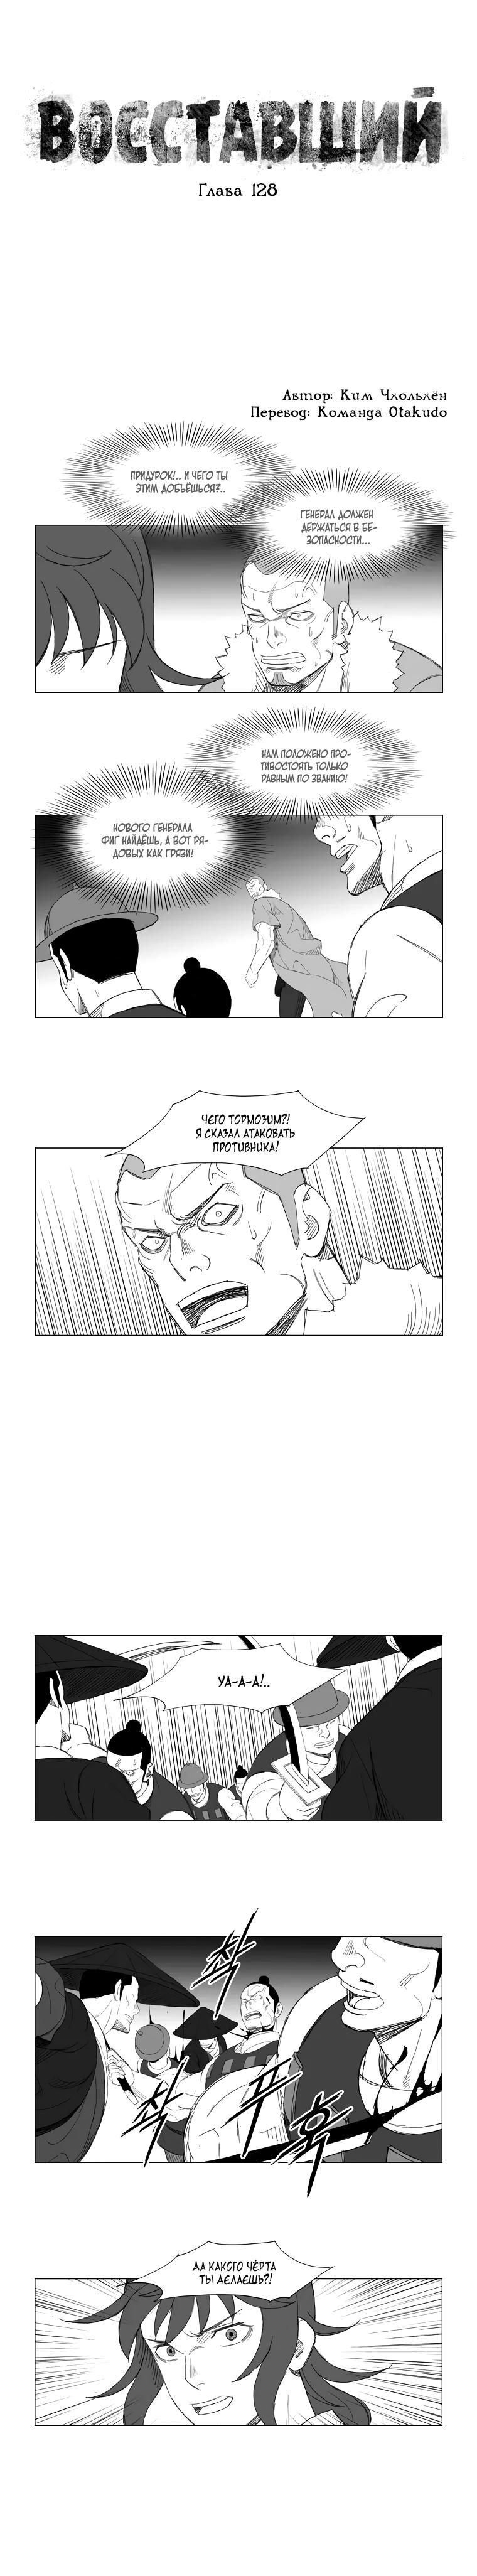 https://r1.ninemanga.com/comics/pic2/39/28263/416253/1532707590193.png Page 1